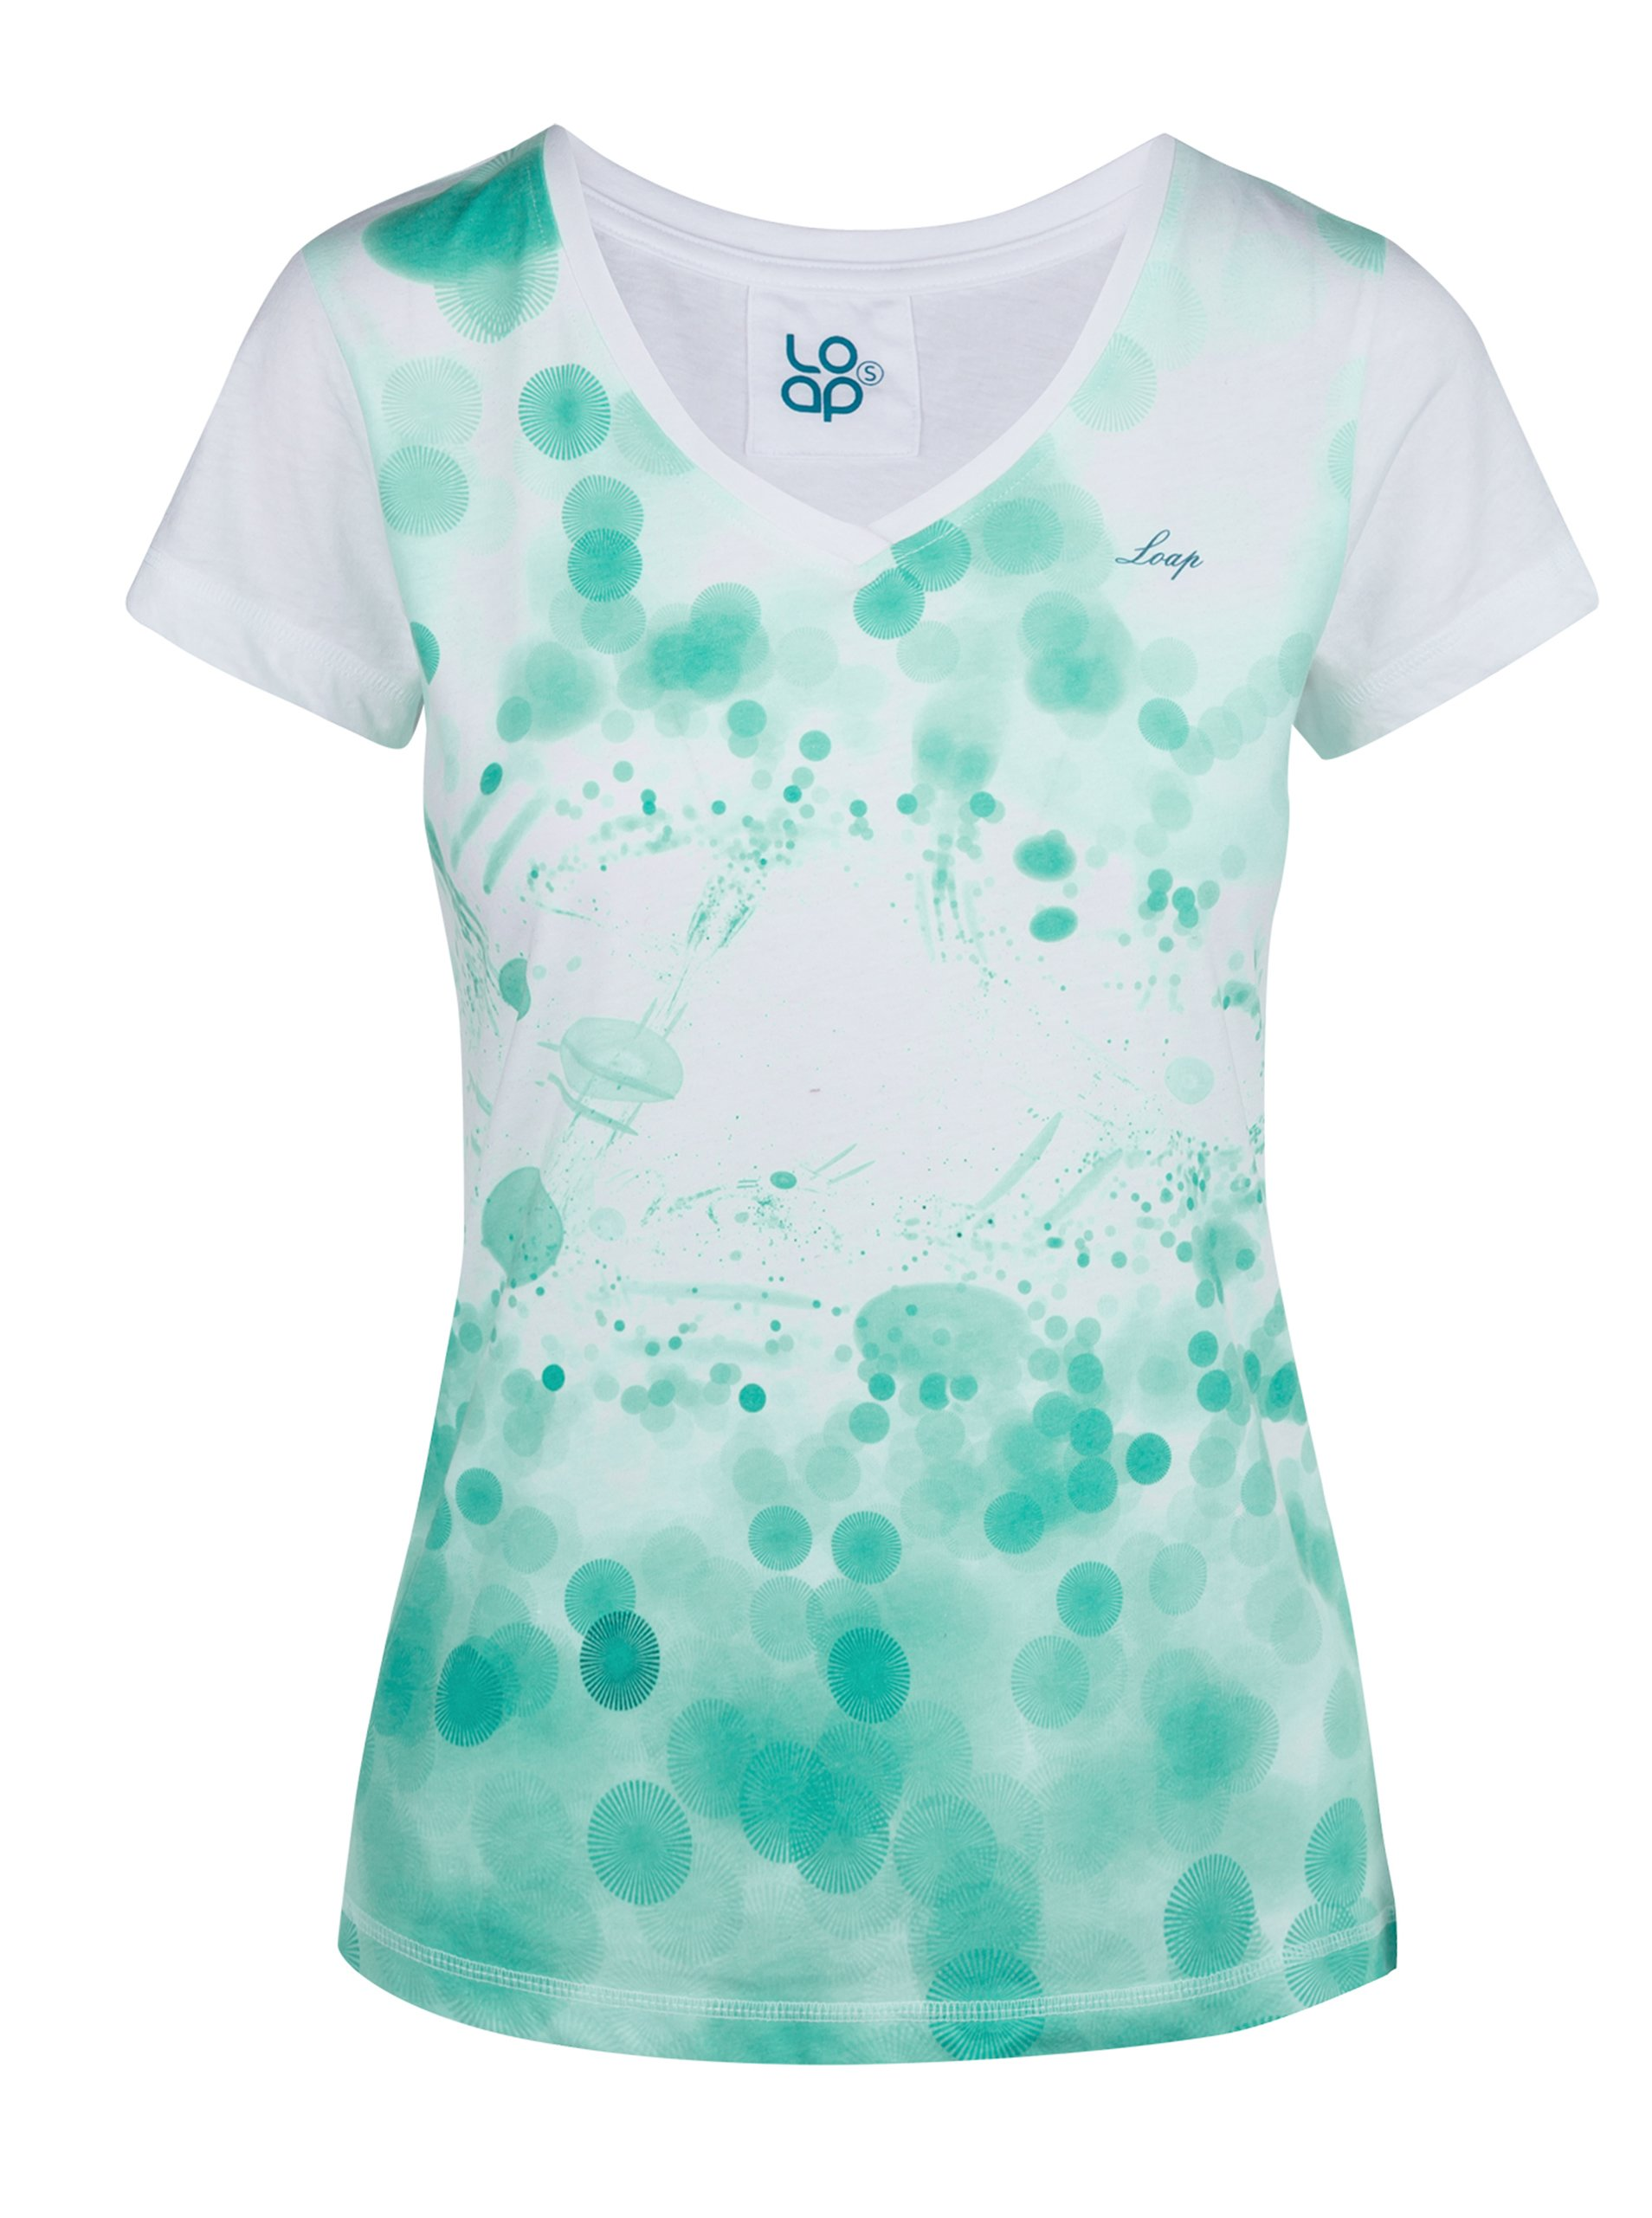 0c919c1a7 Zeleno-biele dámske tričko s potlačou LOAP Byblosa | Moda.sk